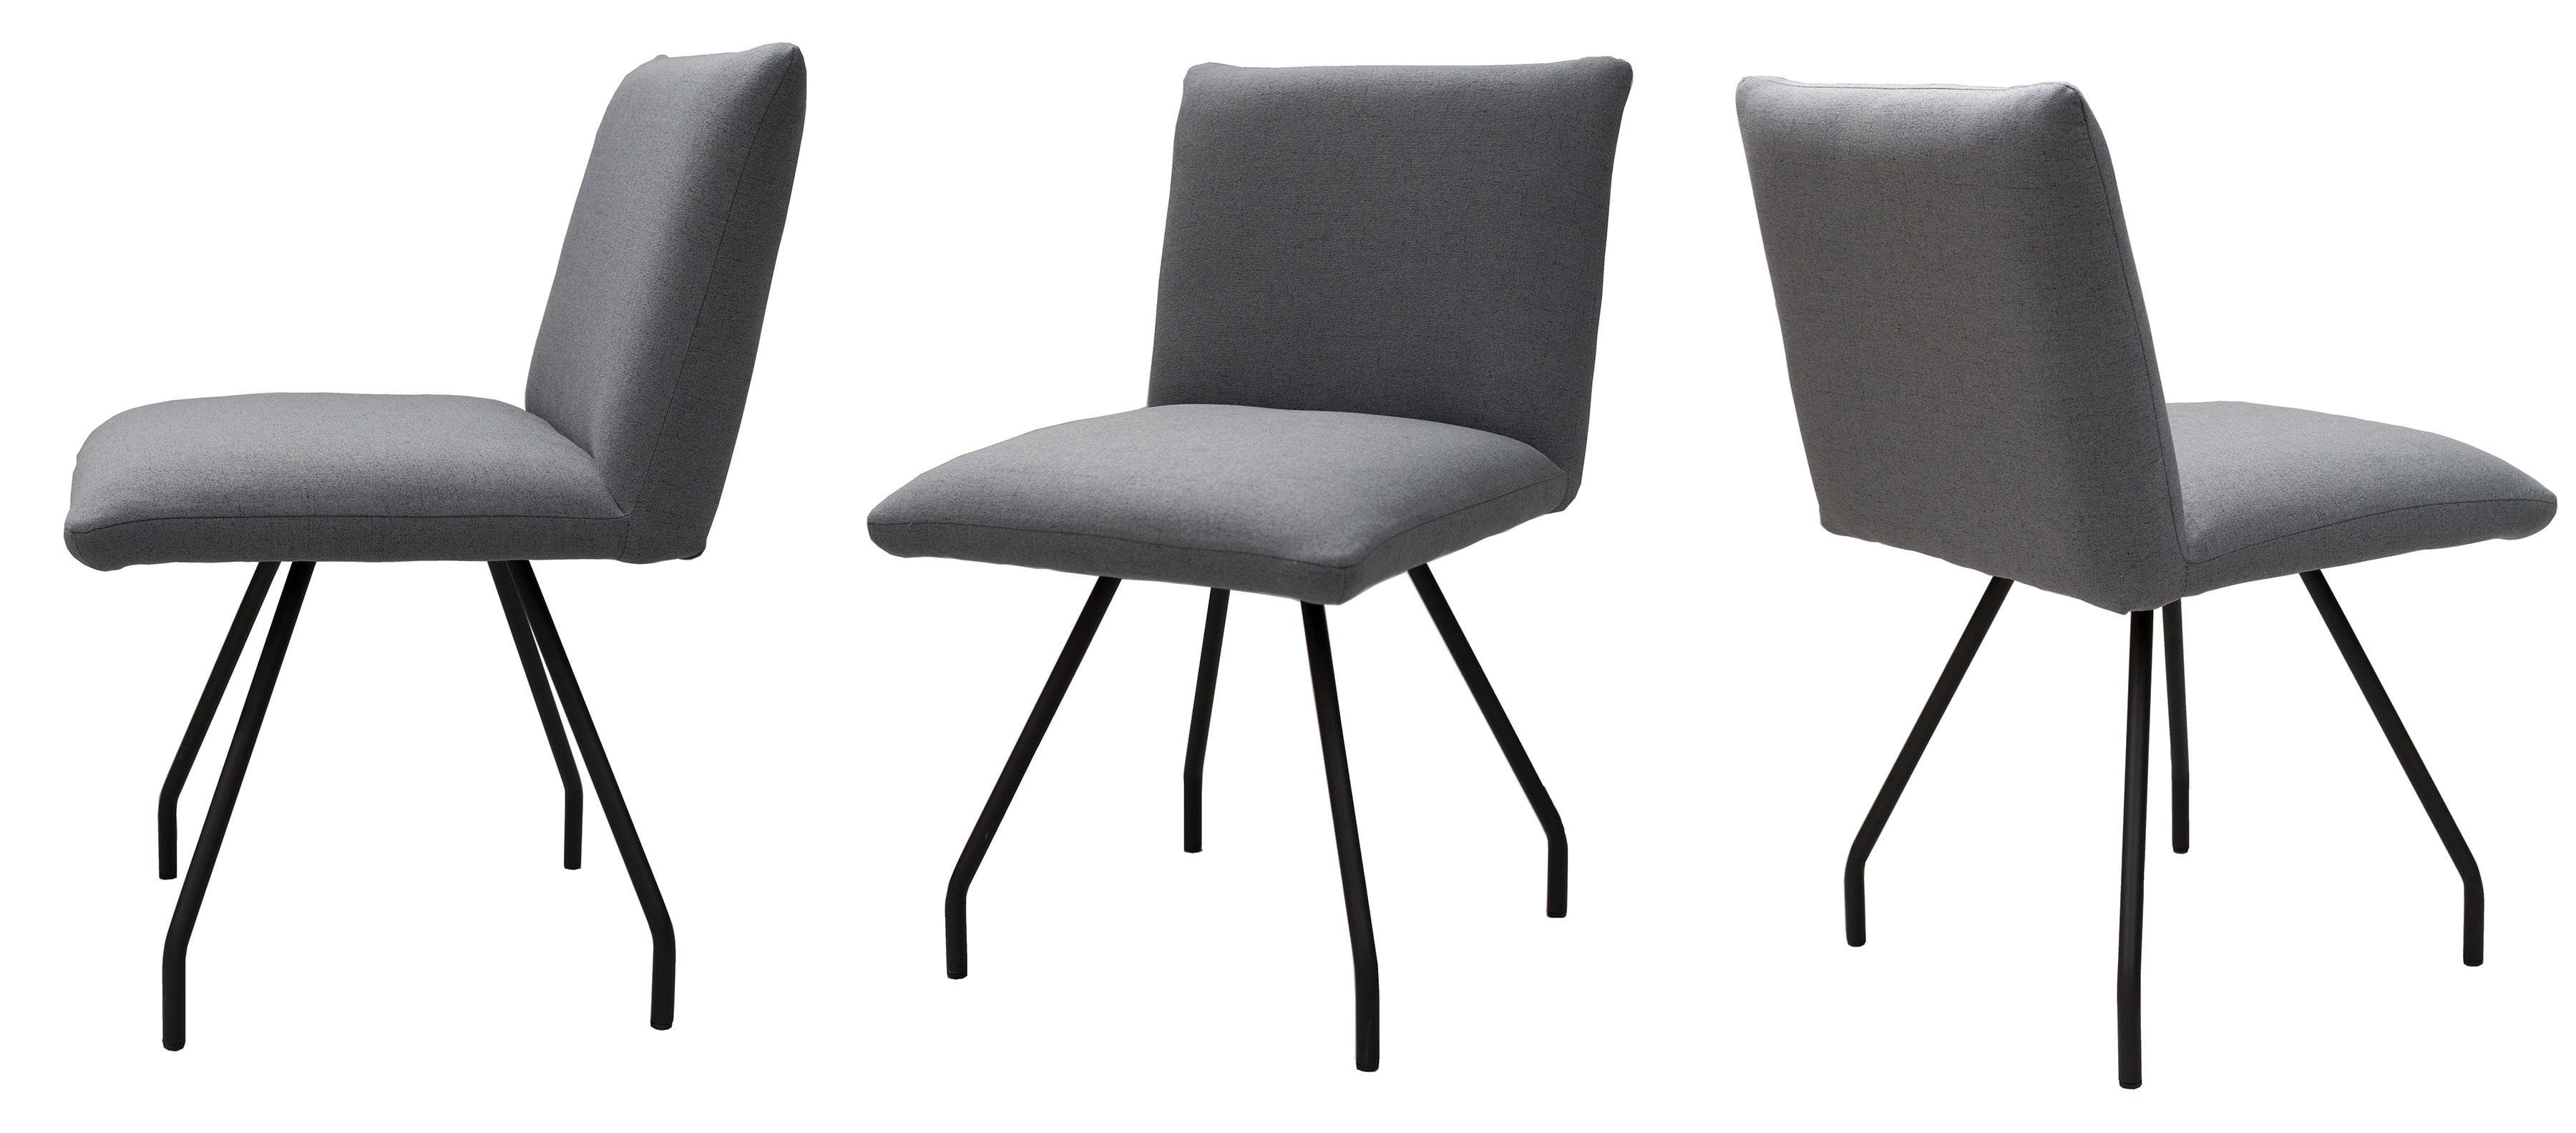 Standard Furniture Posada Polsterstühle mit Metallbeinen